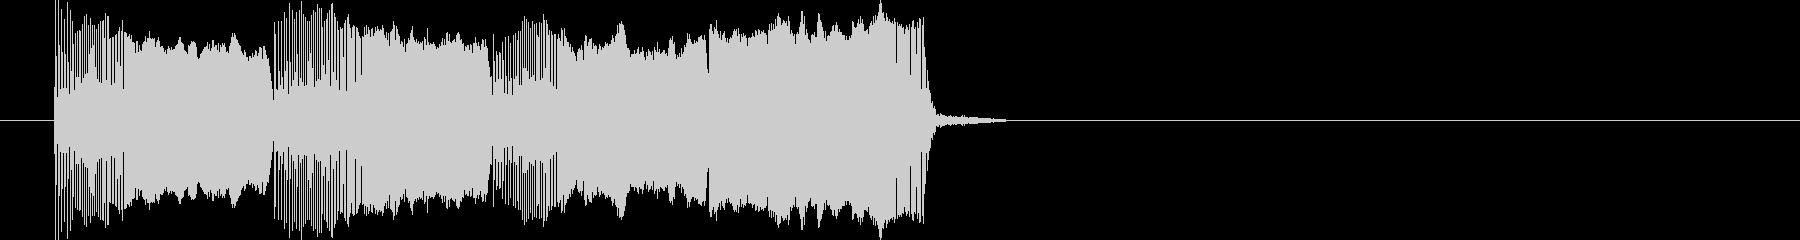 ぴゅーぴゅーぴゅーパー(宇宙船サイレン)の未再生の波形